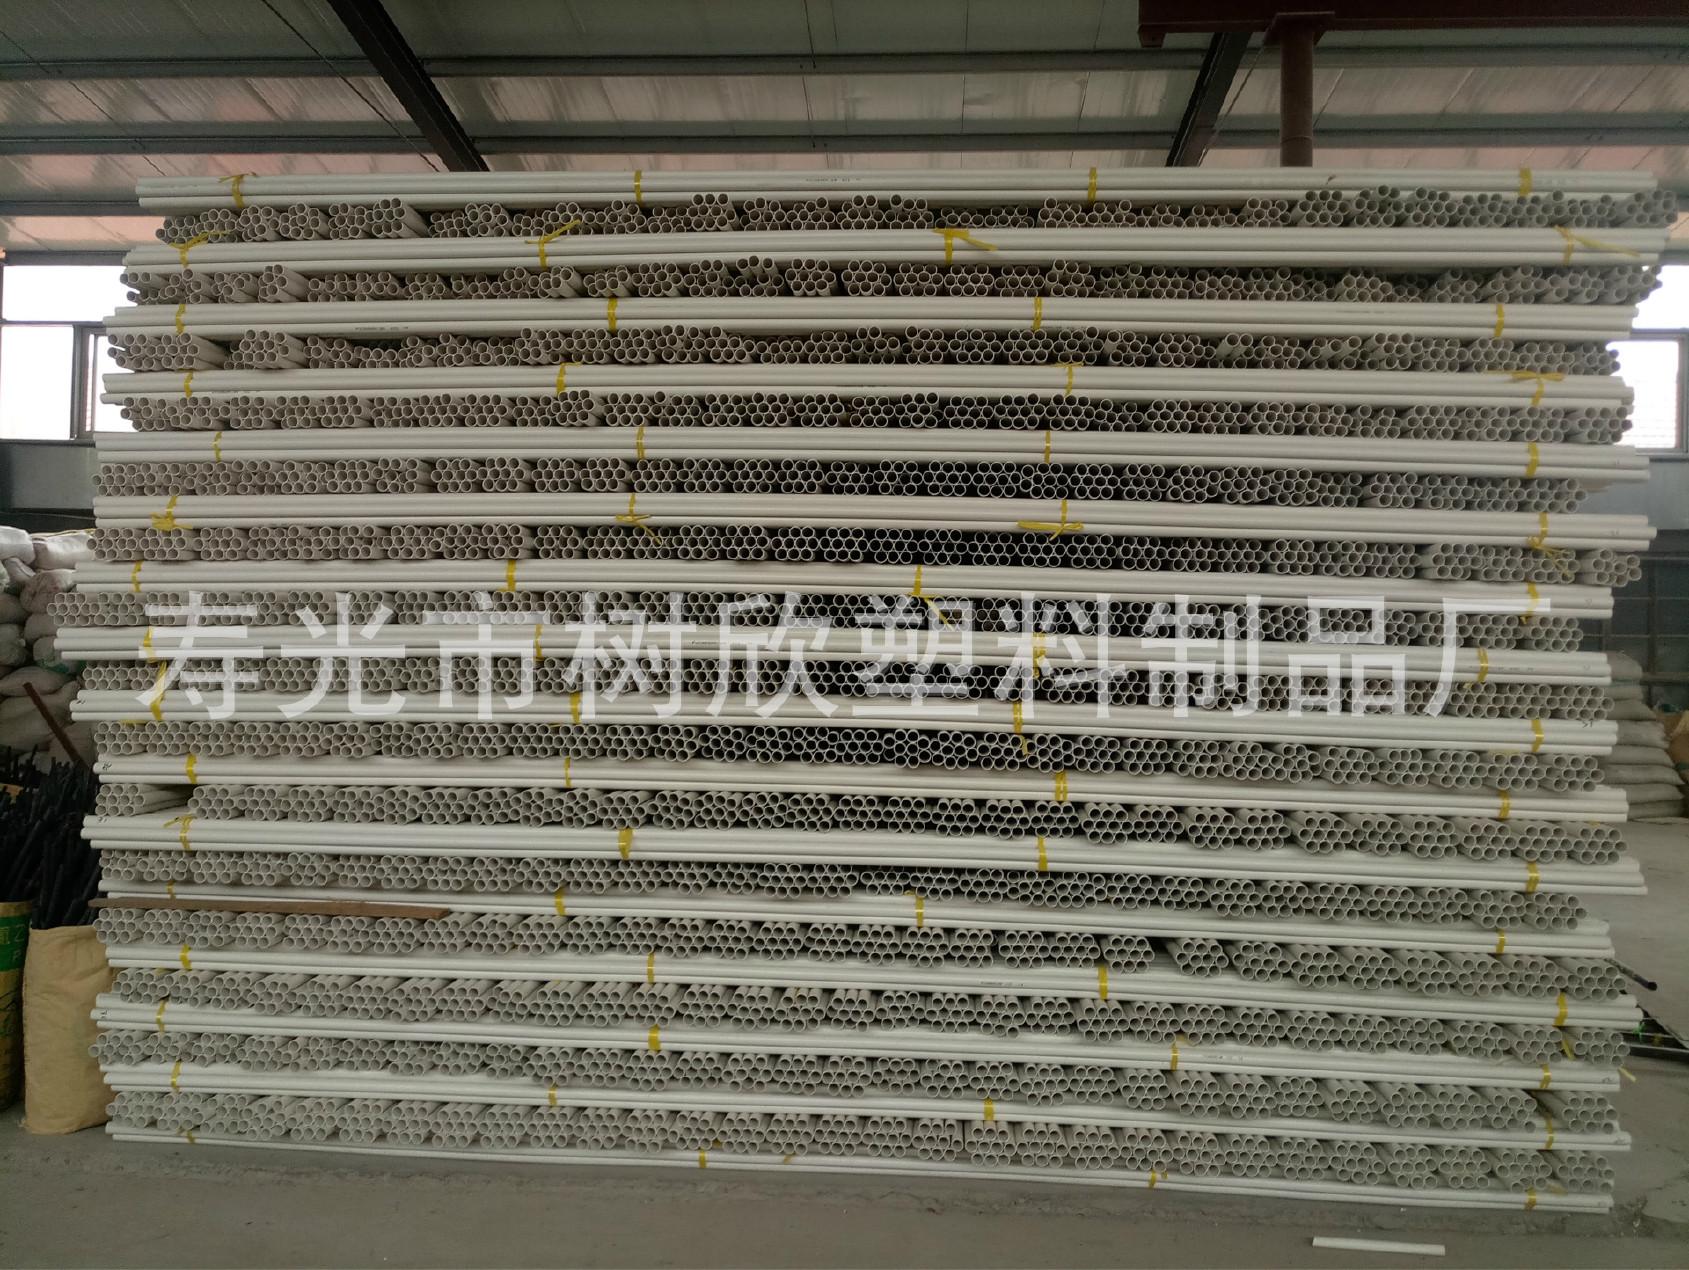 pvc电工套管 pvc阻燃建筑用绝缘电工套管 PVC电线管穿线管批发示例图41